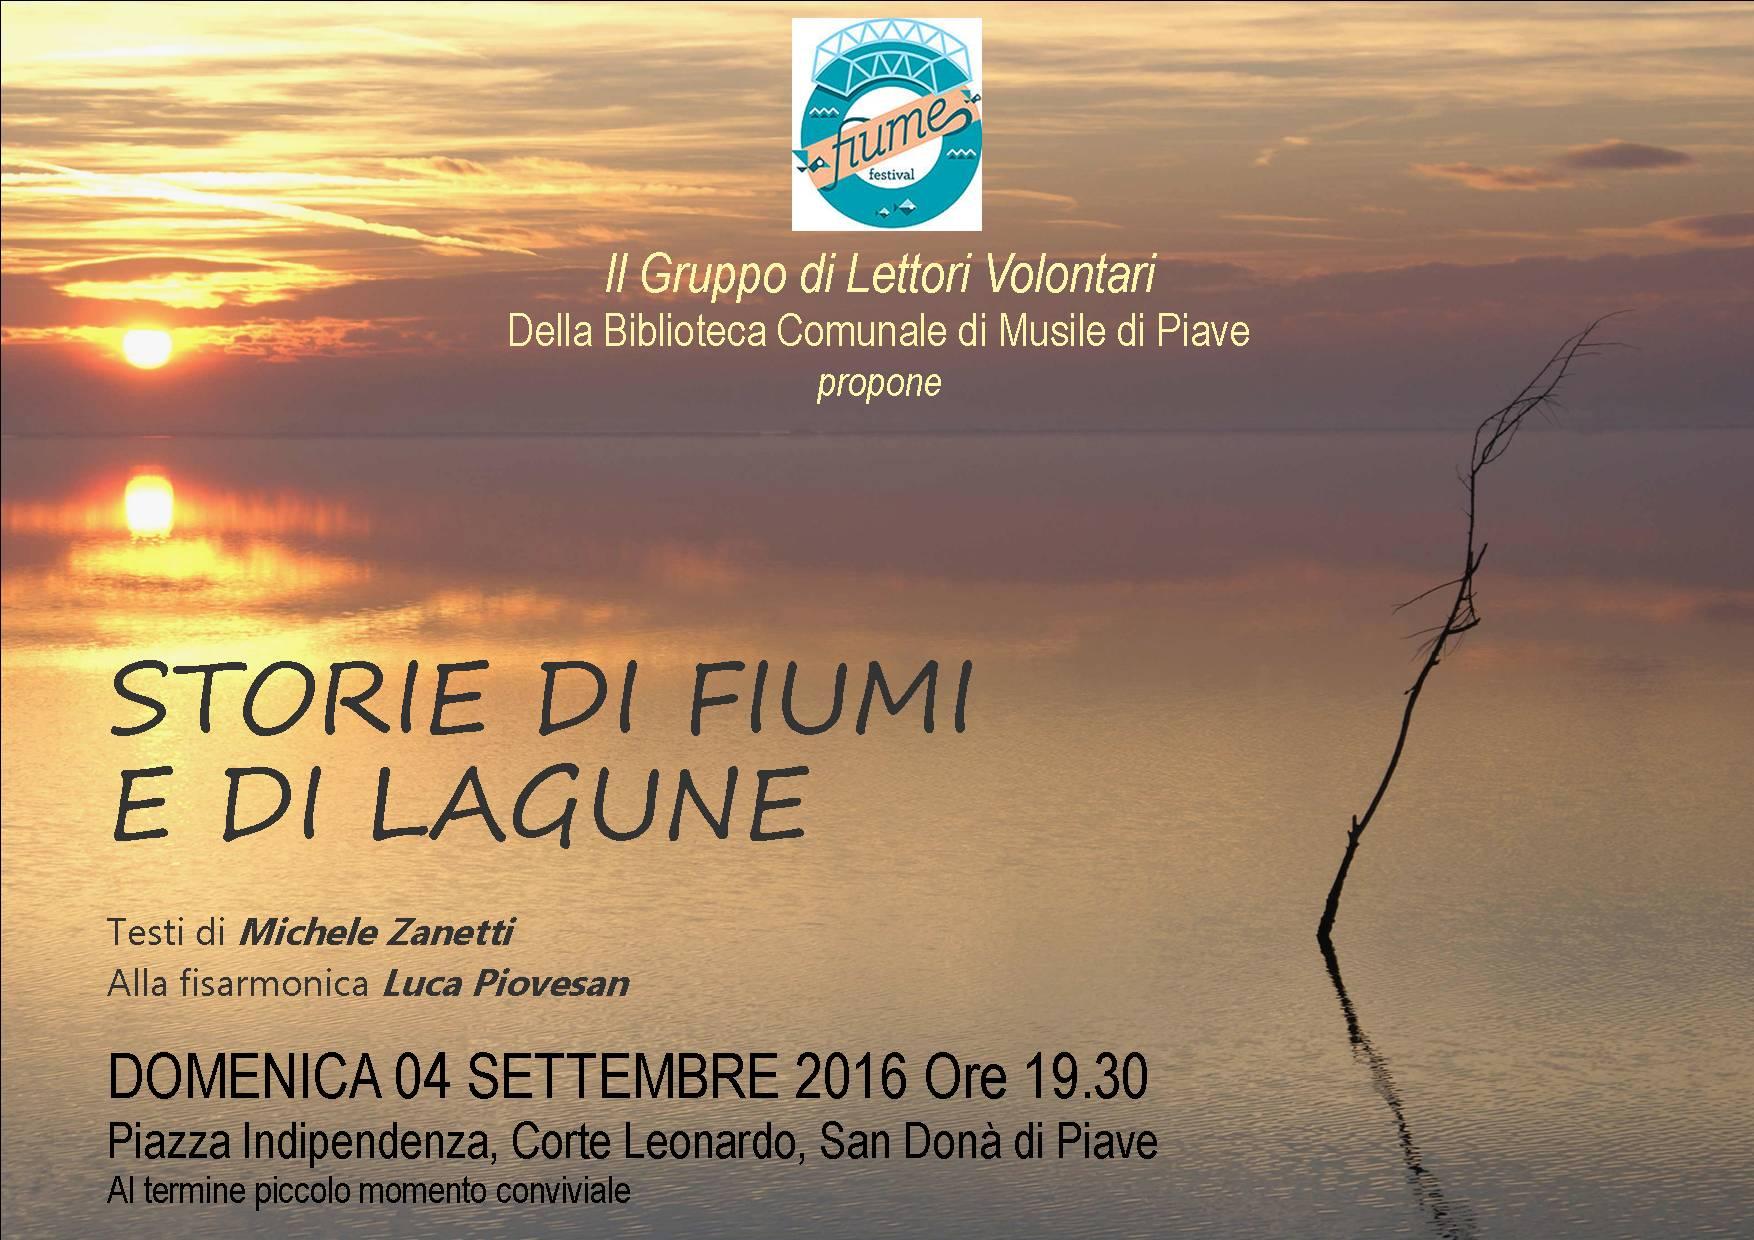 04 Settembre 2016 - STORIE DI FIUMI E DI LAGUNE - Michele Zanetti e Luca Piovesan